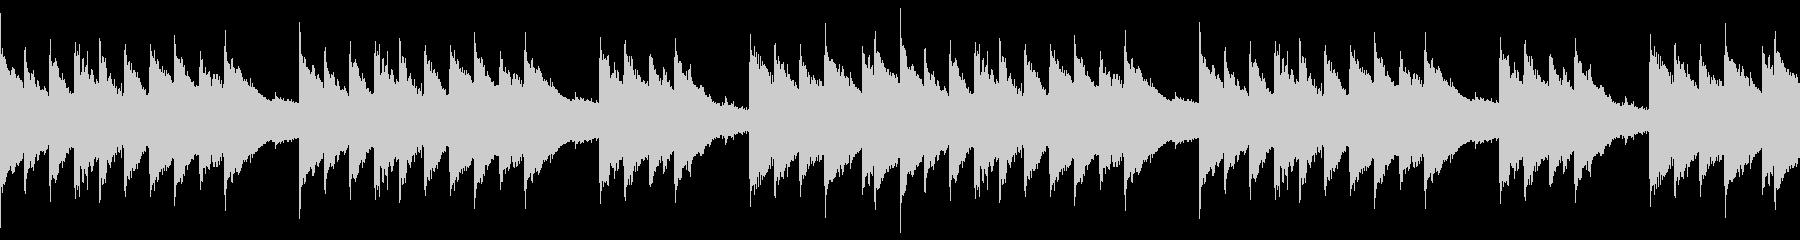 ピアノと鉄琴が3拍子で絡む不気味なBGMの未再生の波形